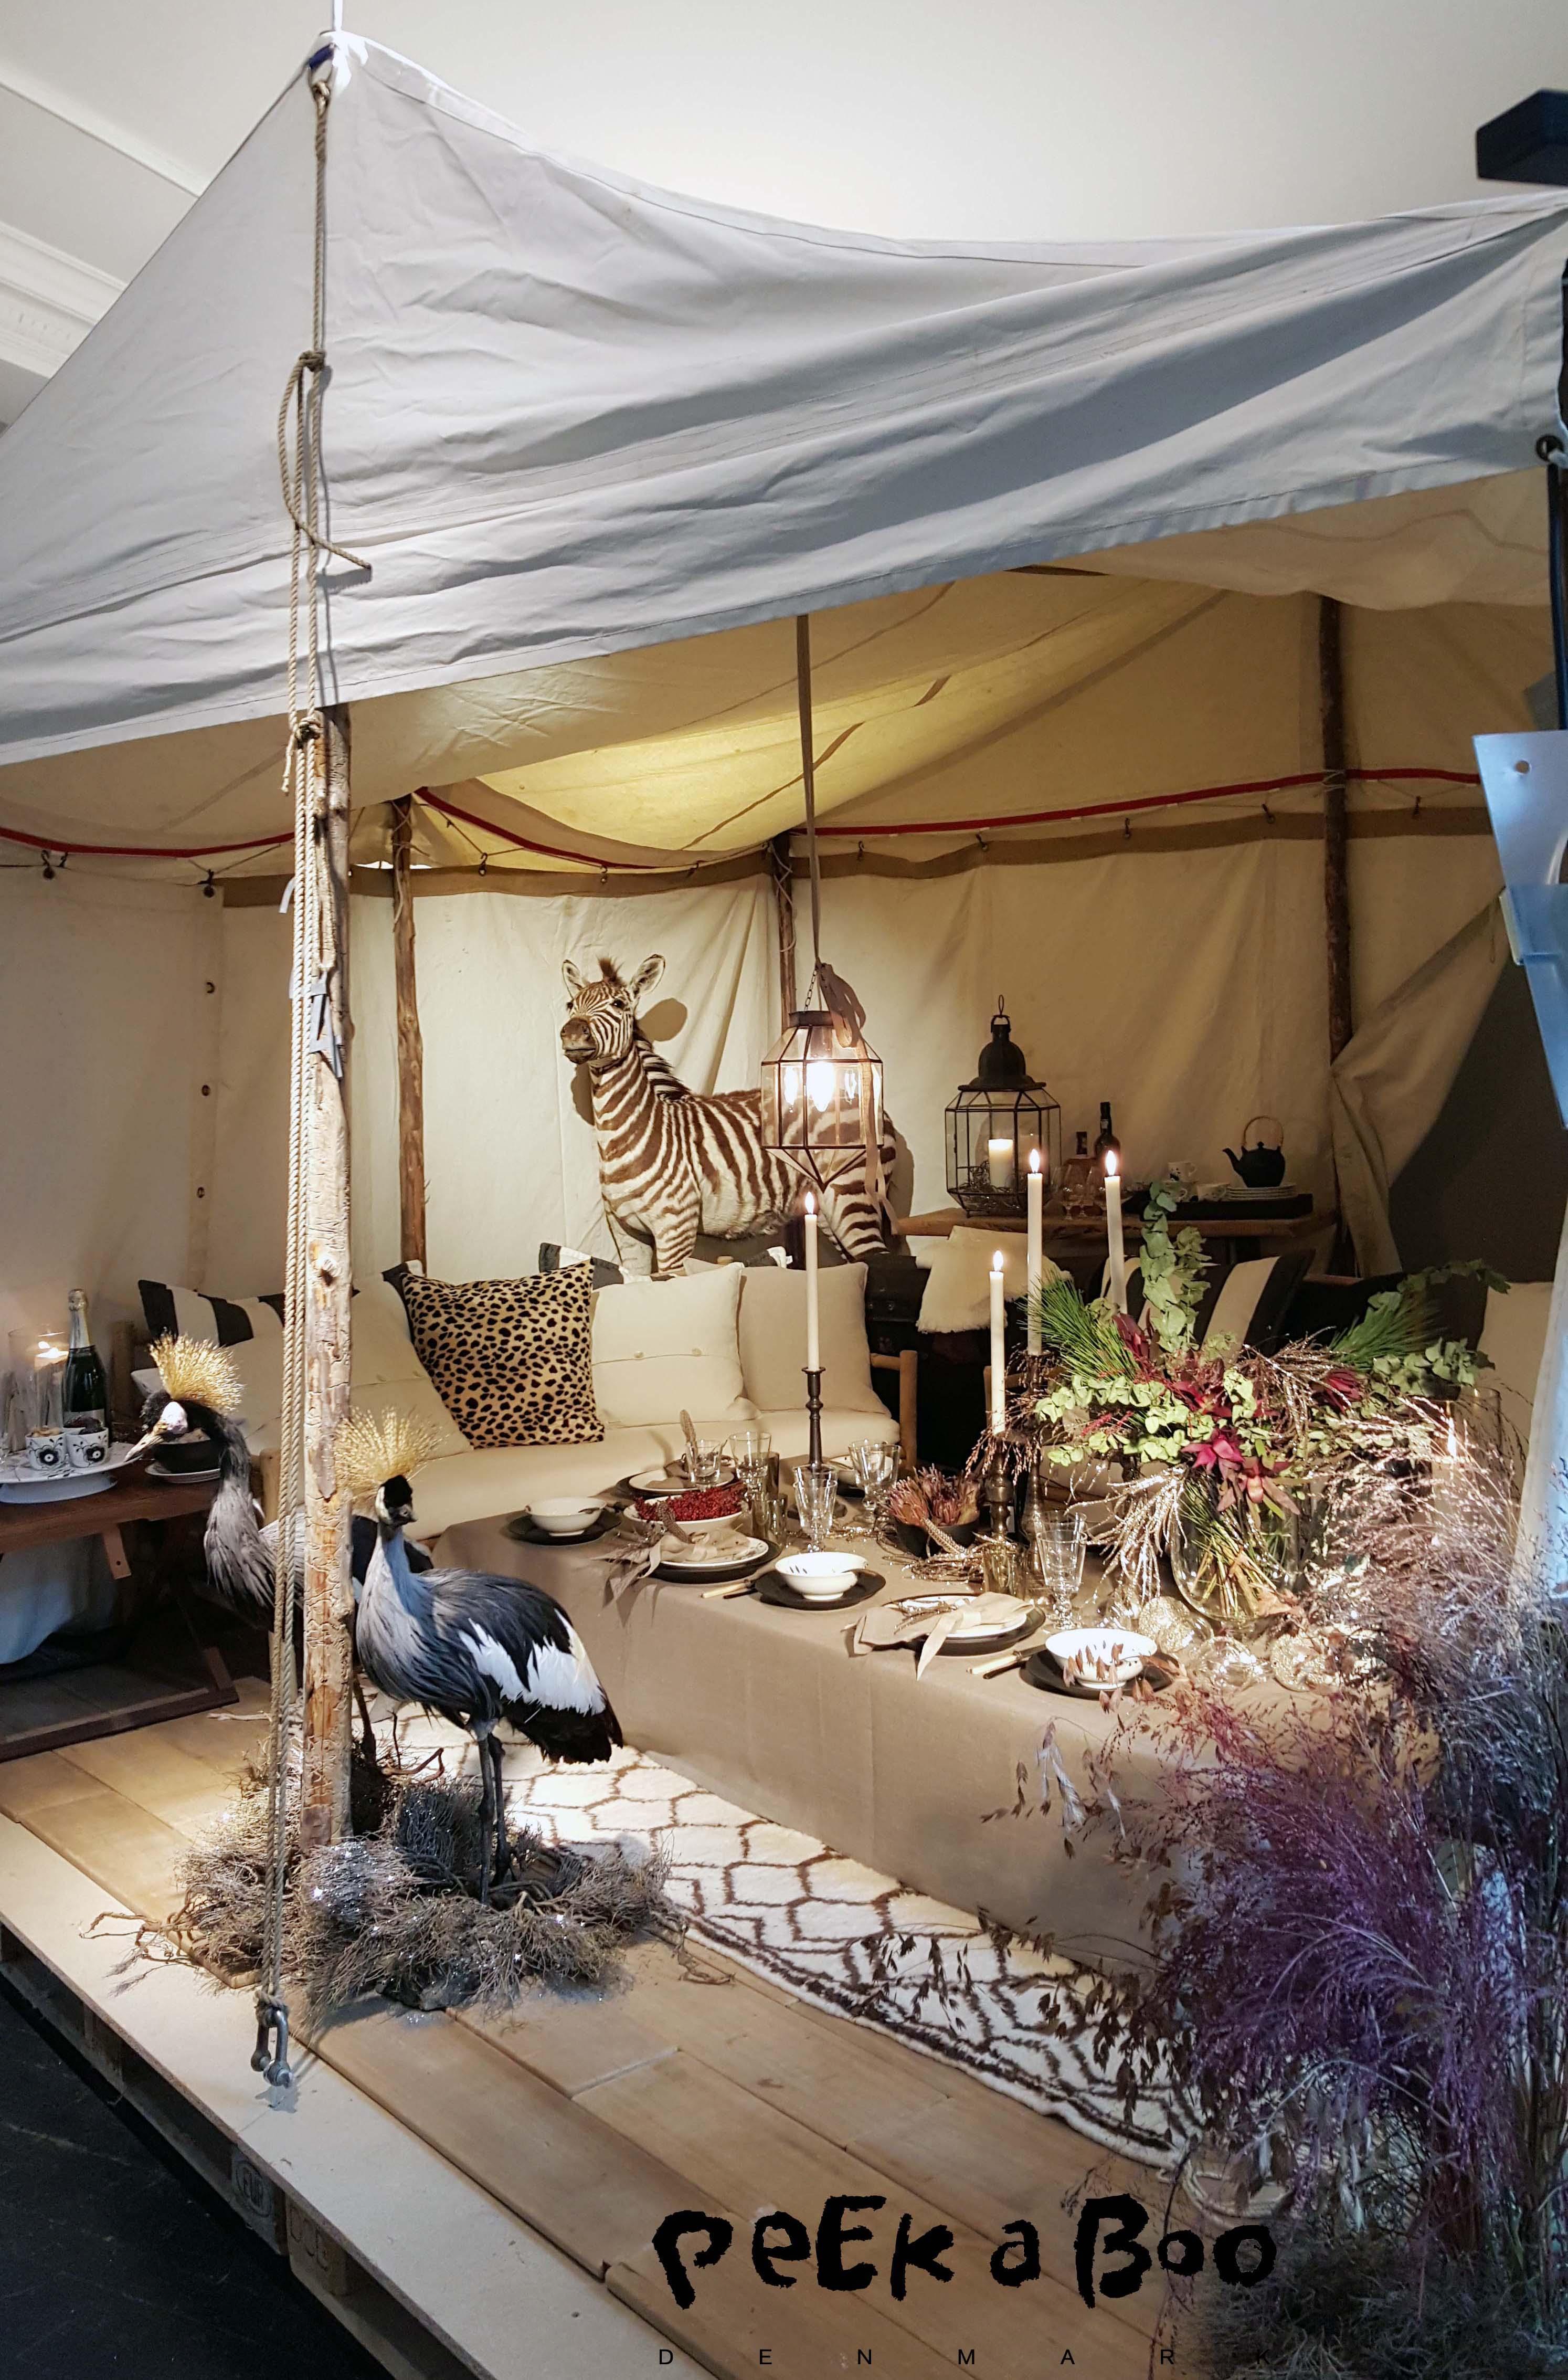 Kirsten Lehfeldt har dækket op i et safari telt på savannen. Hun drømmer sig ned i varmen med den nærmeste familie, og dækket op med sort mega mussel og sort riflet...på store bløde puder og med selskab af eksotiske fugle og zebraer. med med ris a la manden i tasken, så traditionerne holdes i hævd.